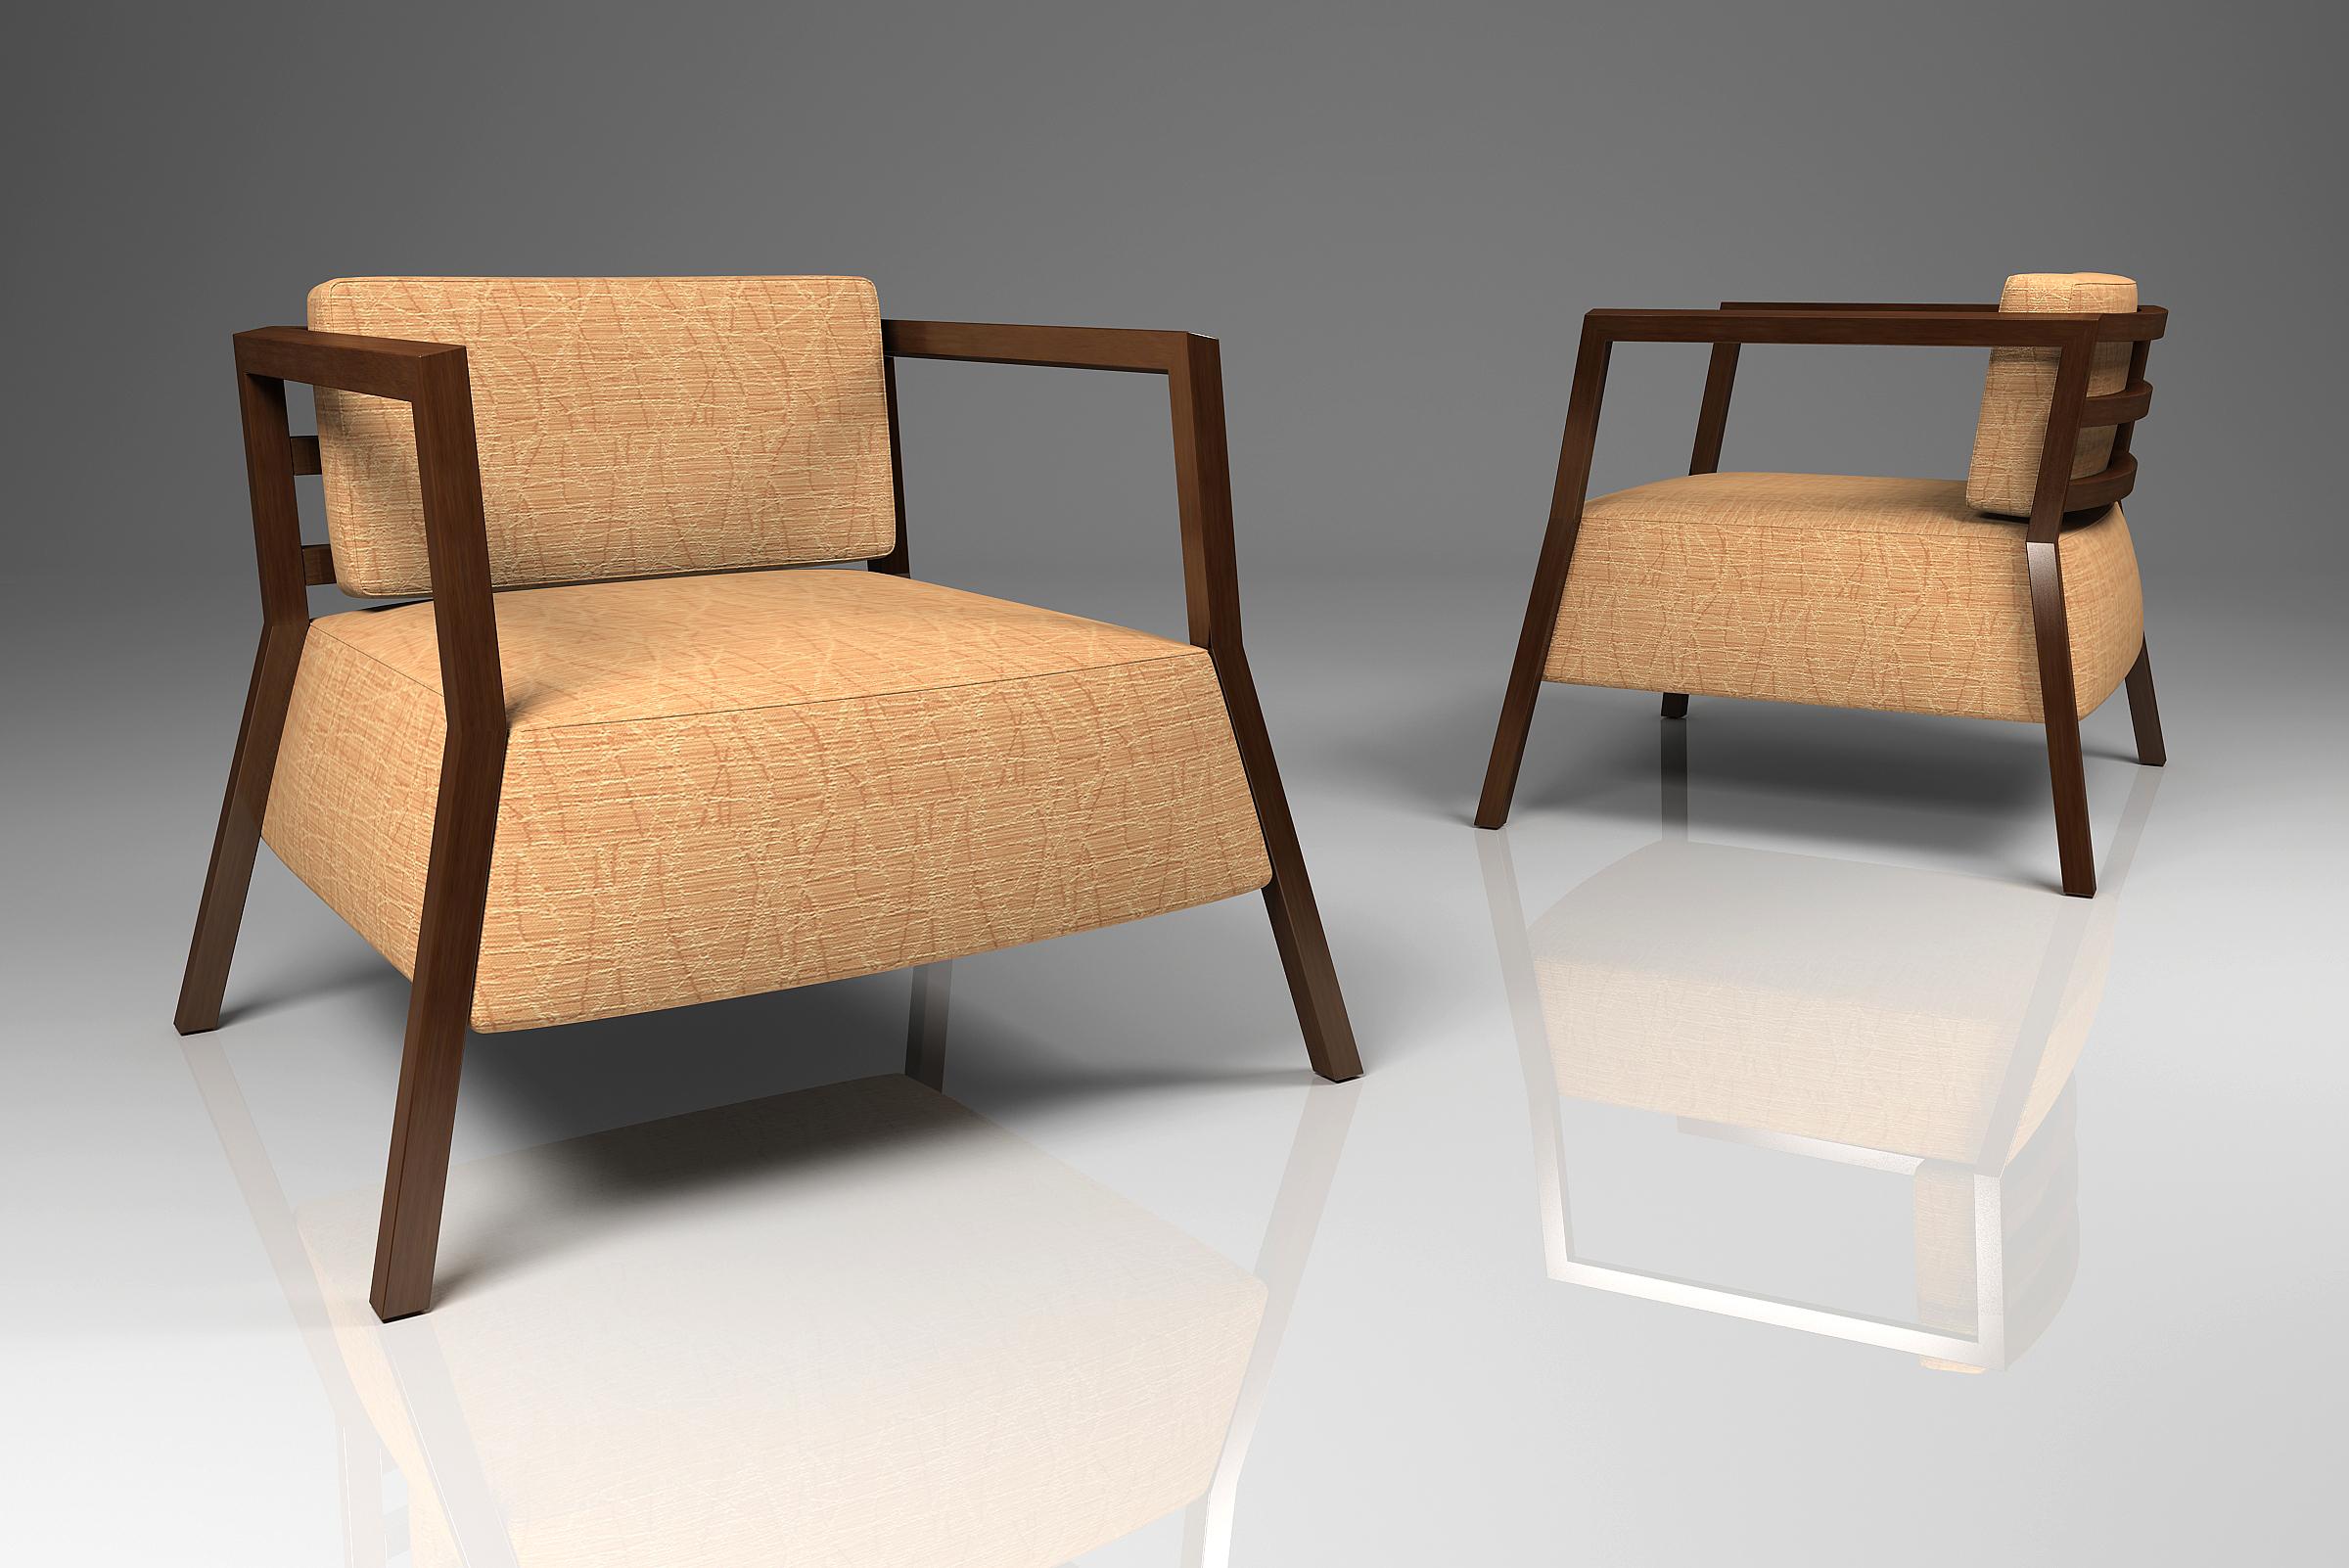 Martin Ortiz Personal Furniture Concepts